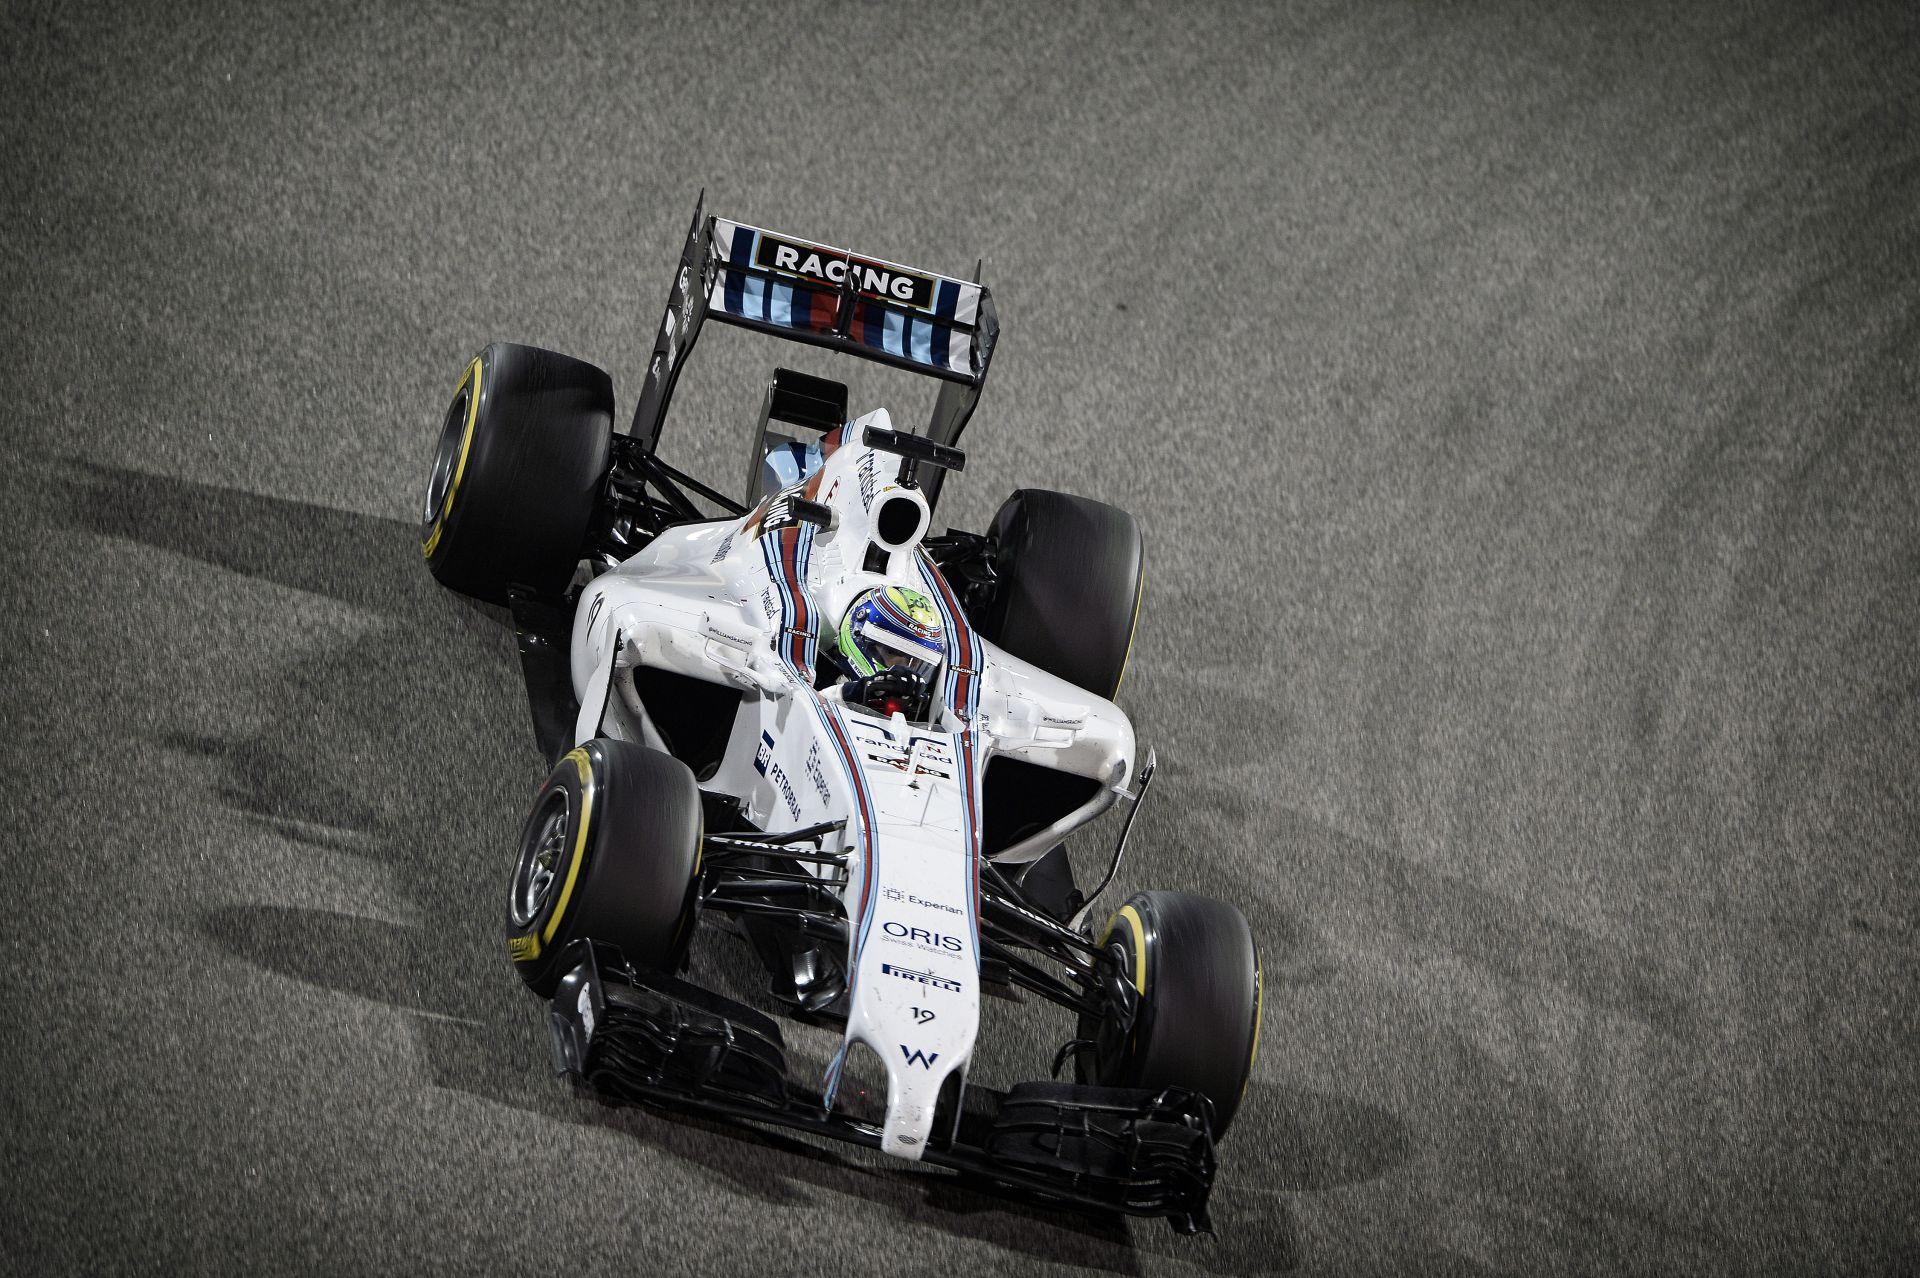 Massa kényelmesebben érzi magát a Williamsnél, mint a Ferrarinál